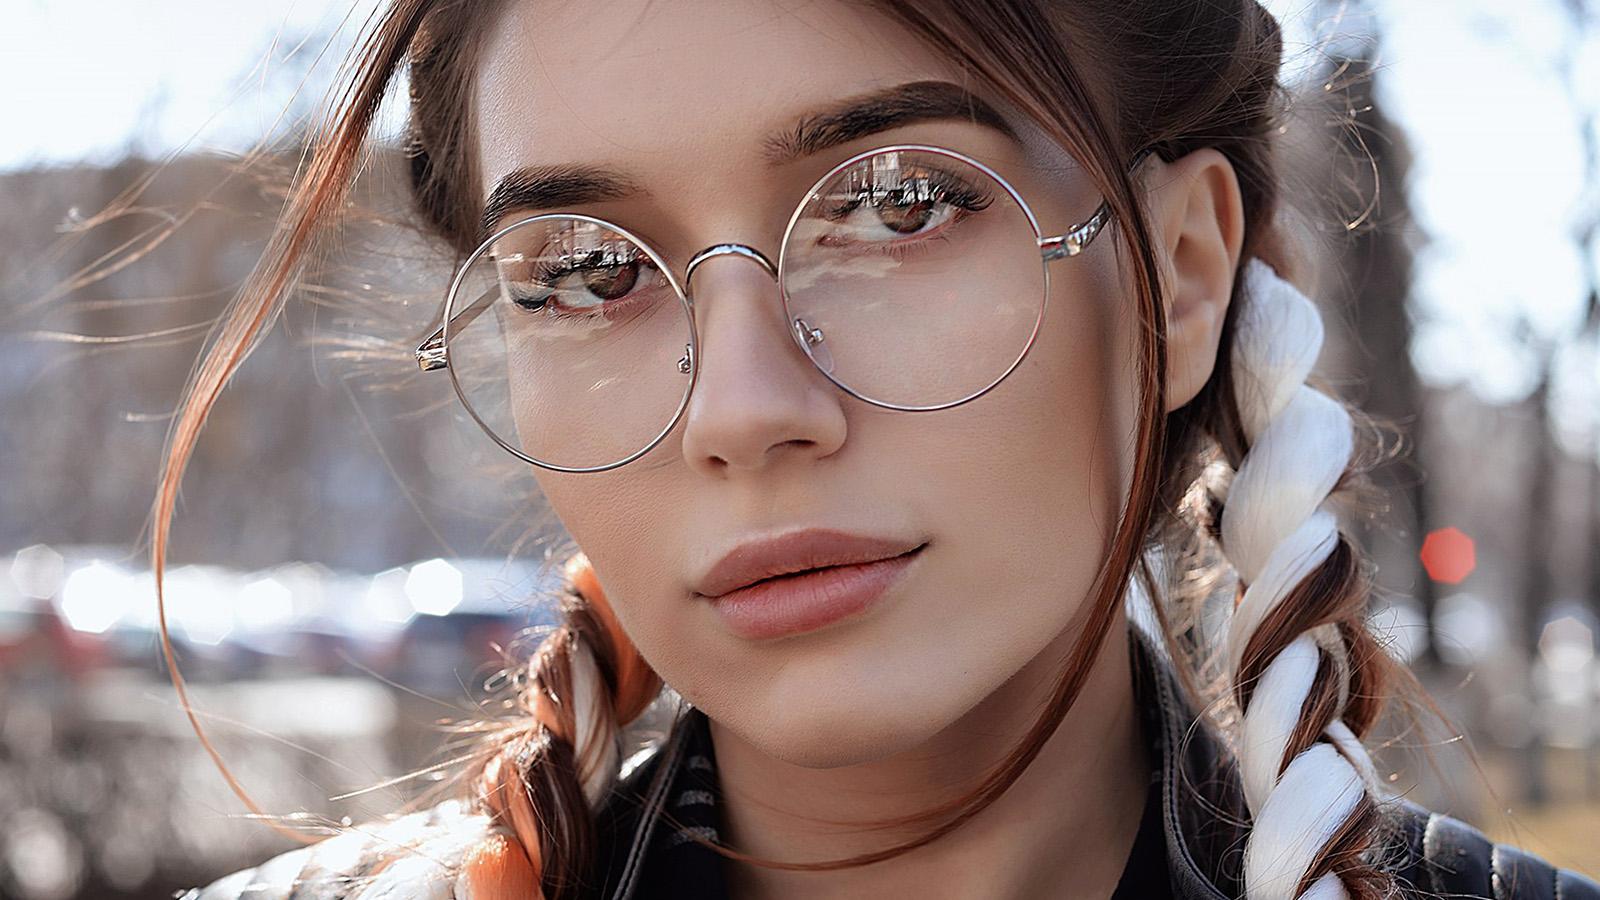 Cute Girl Glasses Wallpaper Hp49 Dua Lipa Girl Glasses Wallpaper